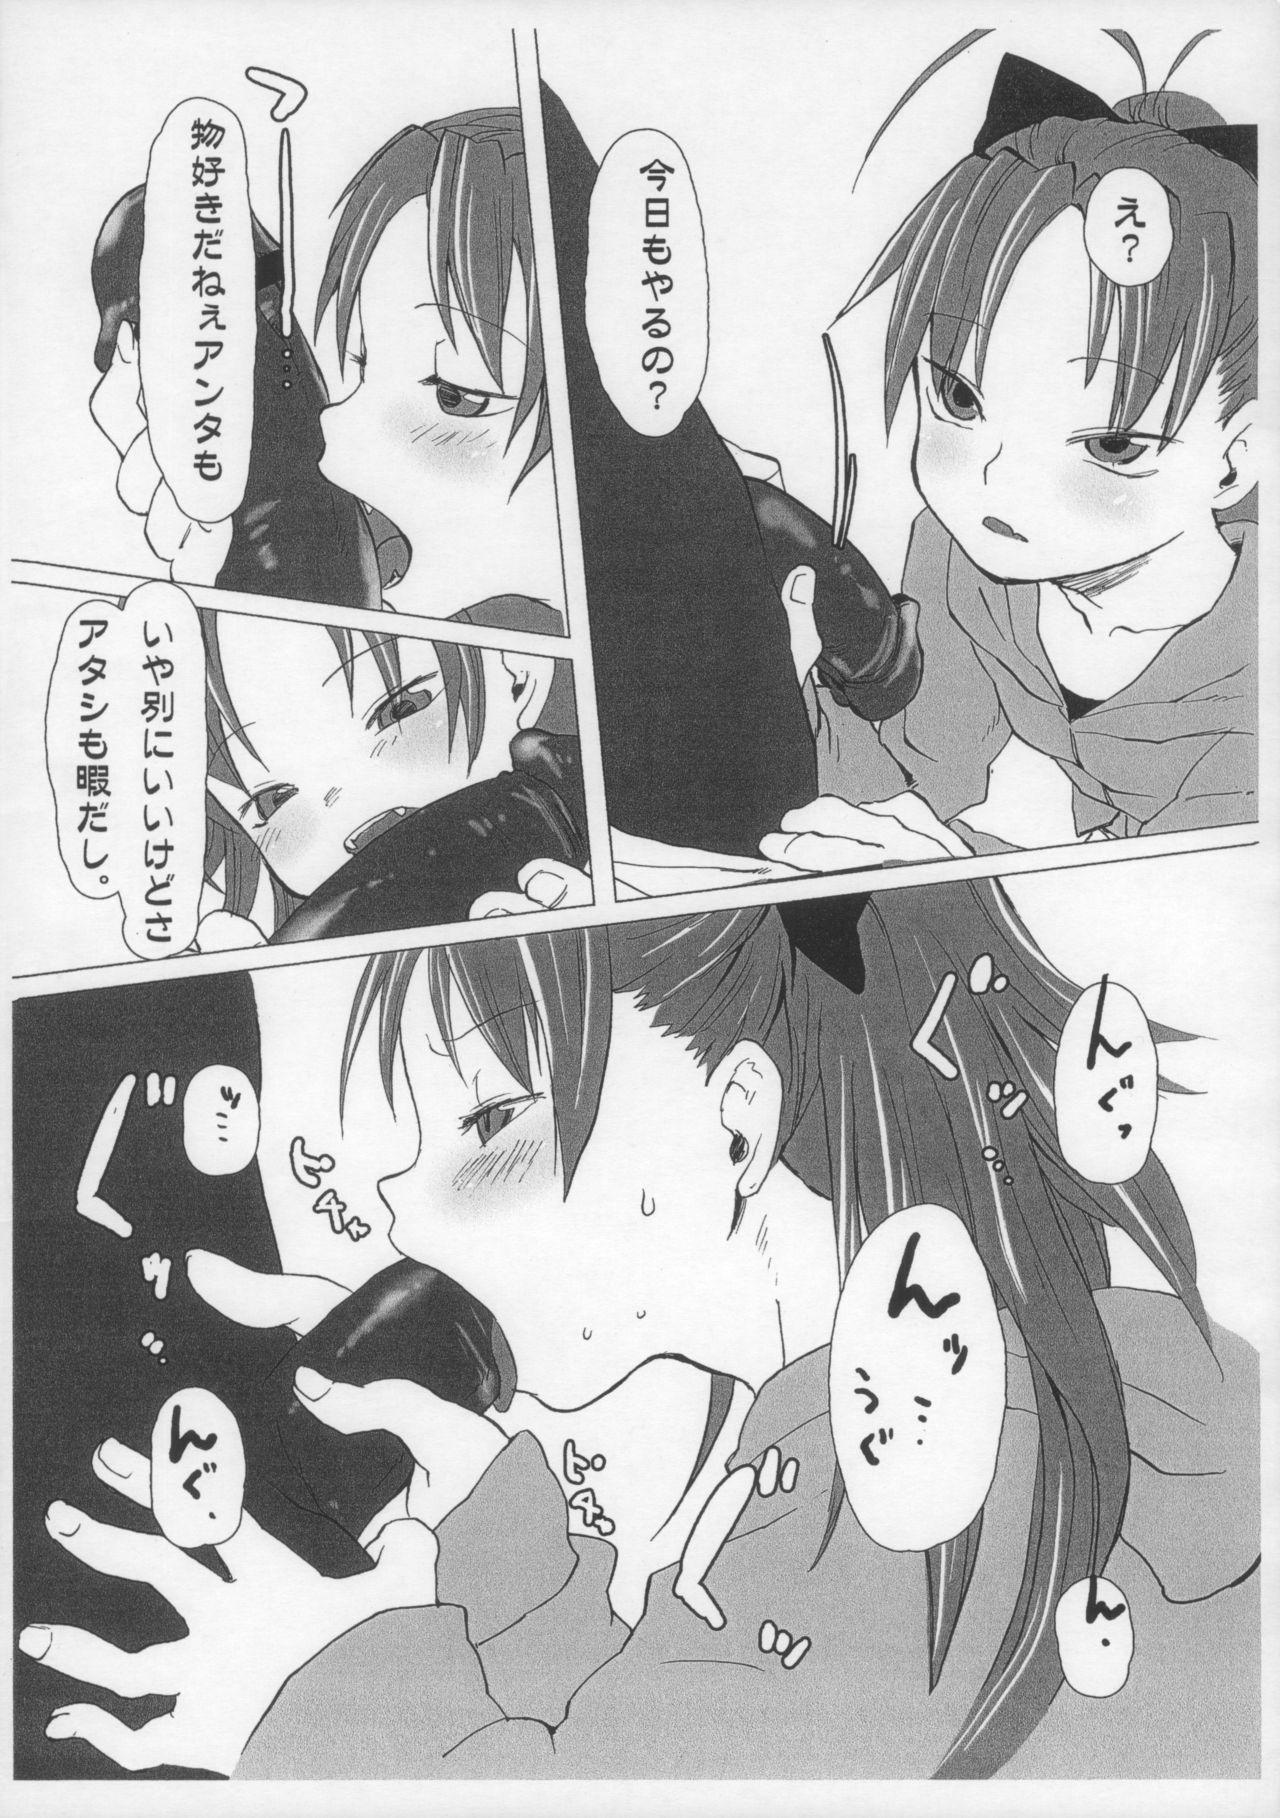 Kyouko-chan no Erohon 1